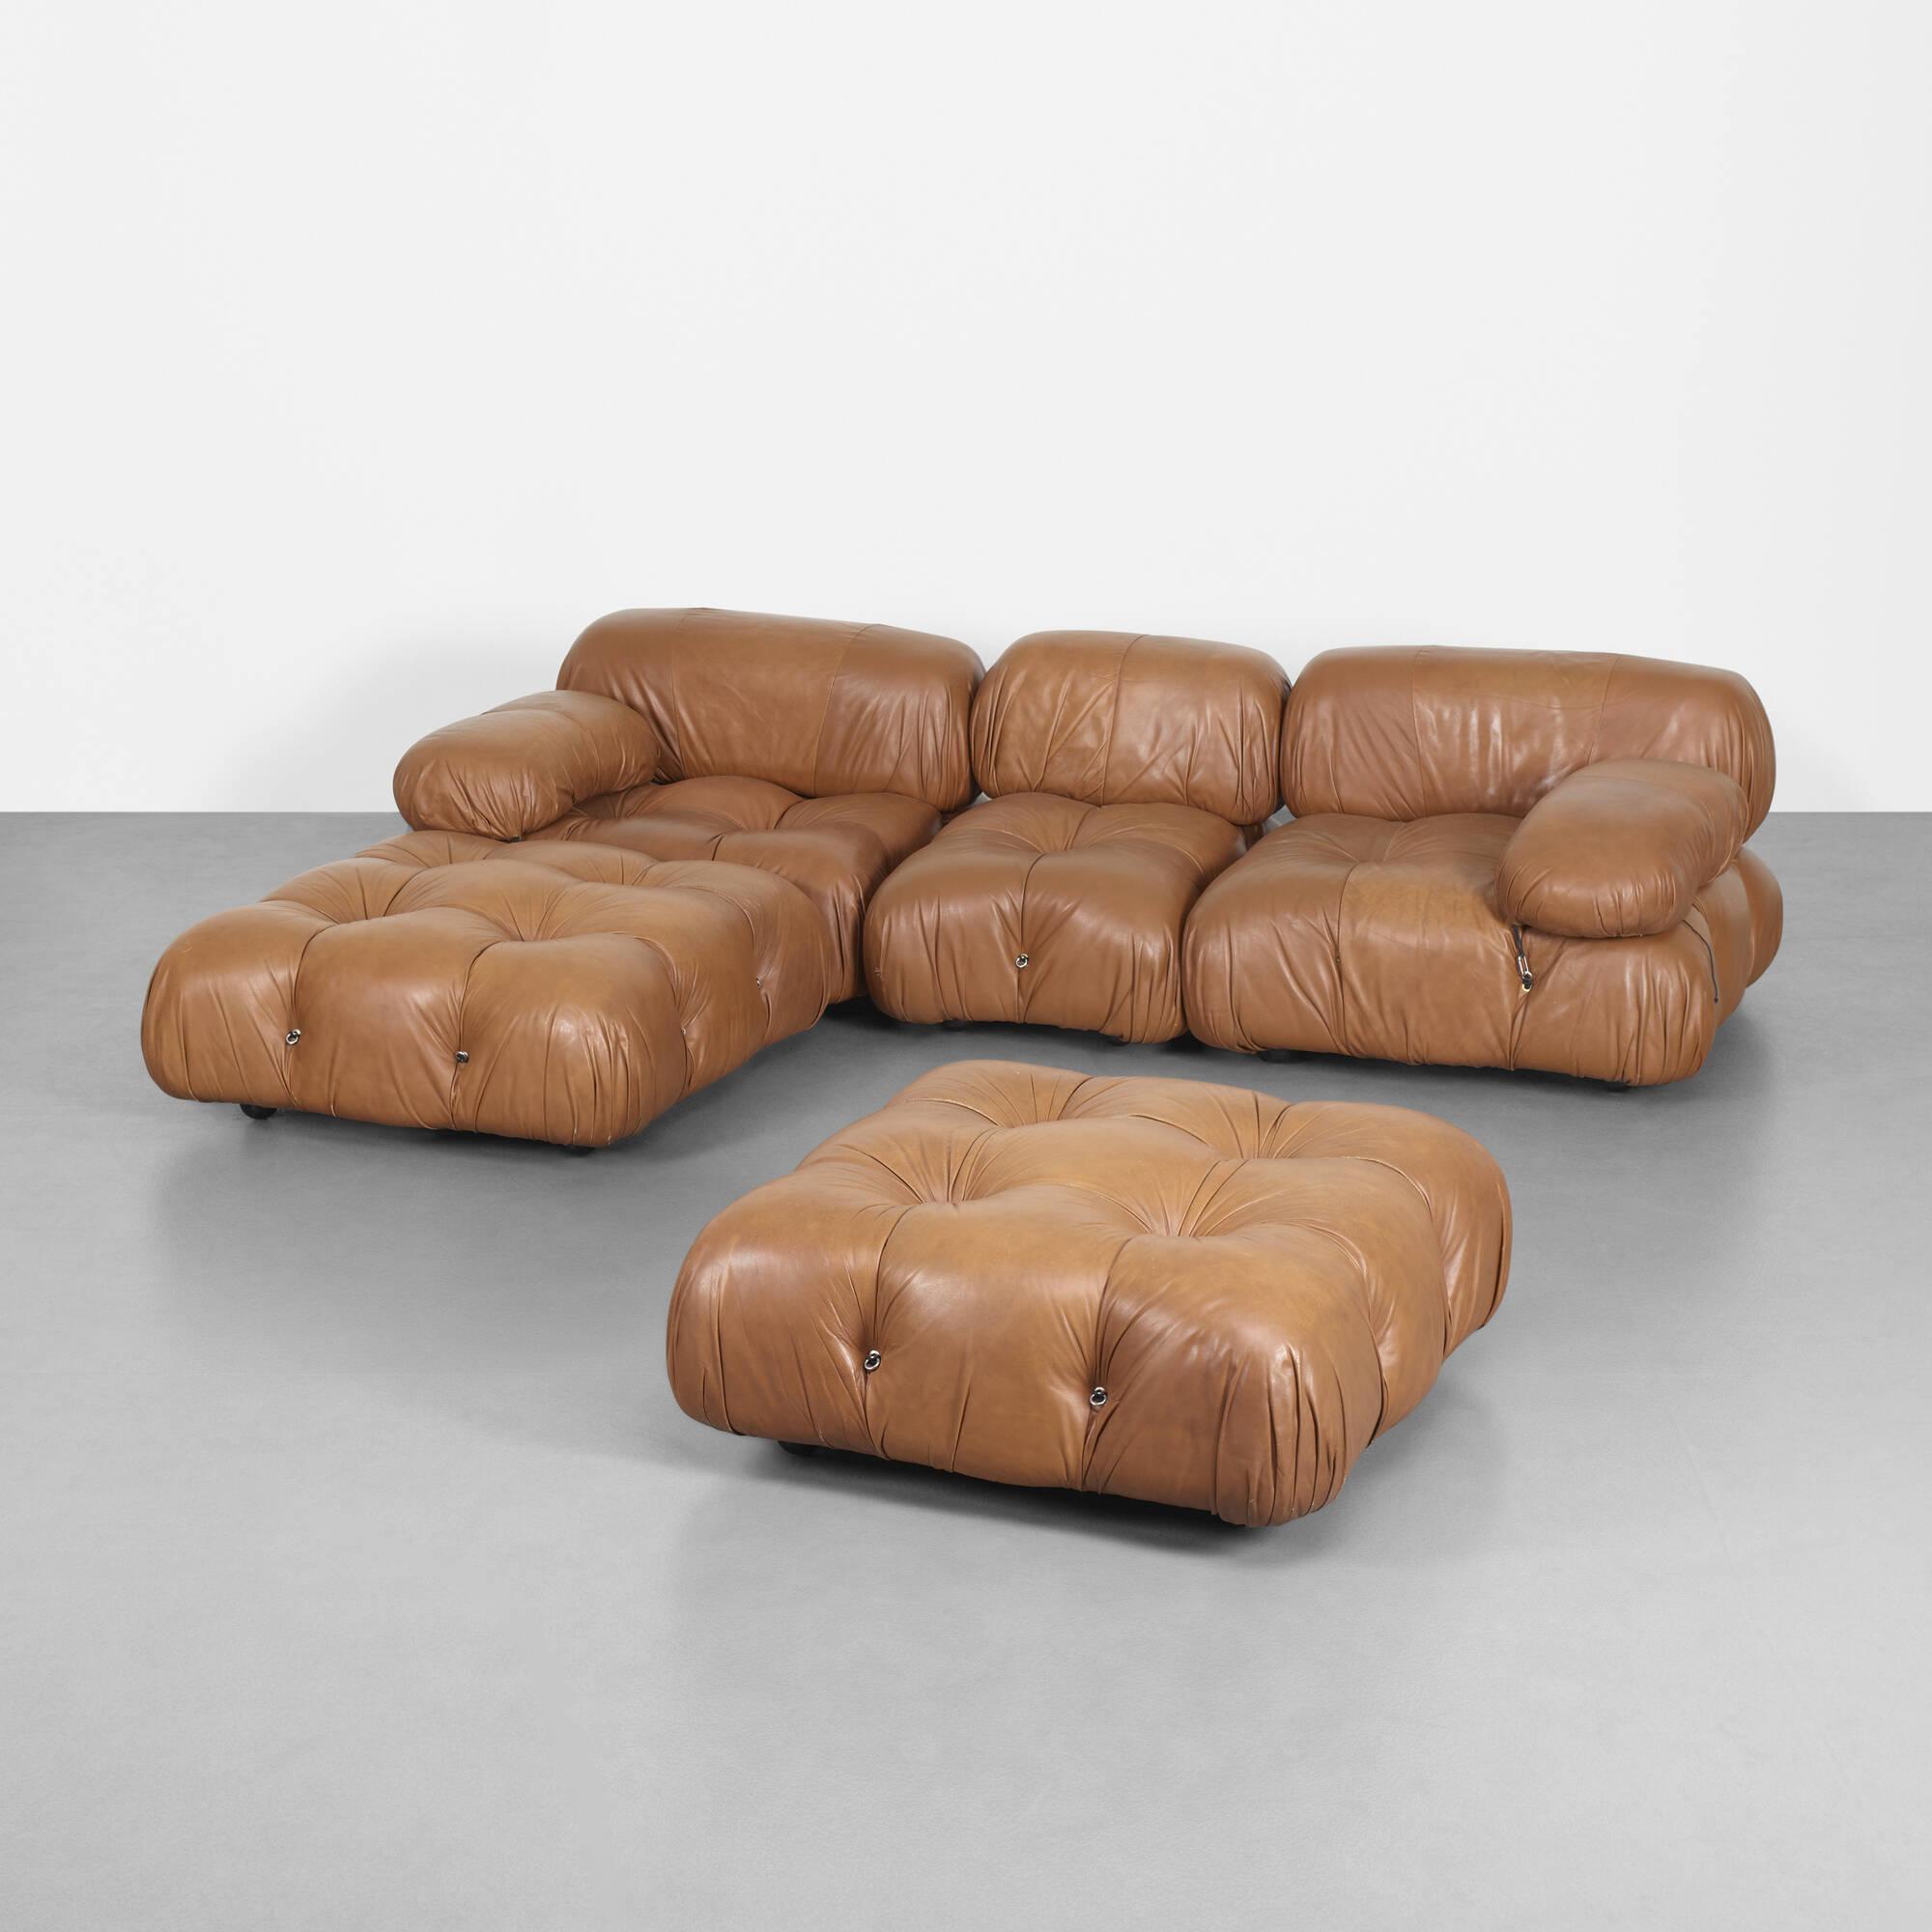 279 Mario Bellini Camaleonda Modular Sofa 1 Of 3